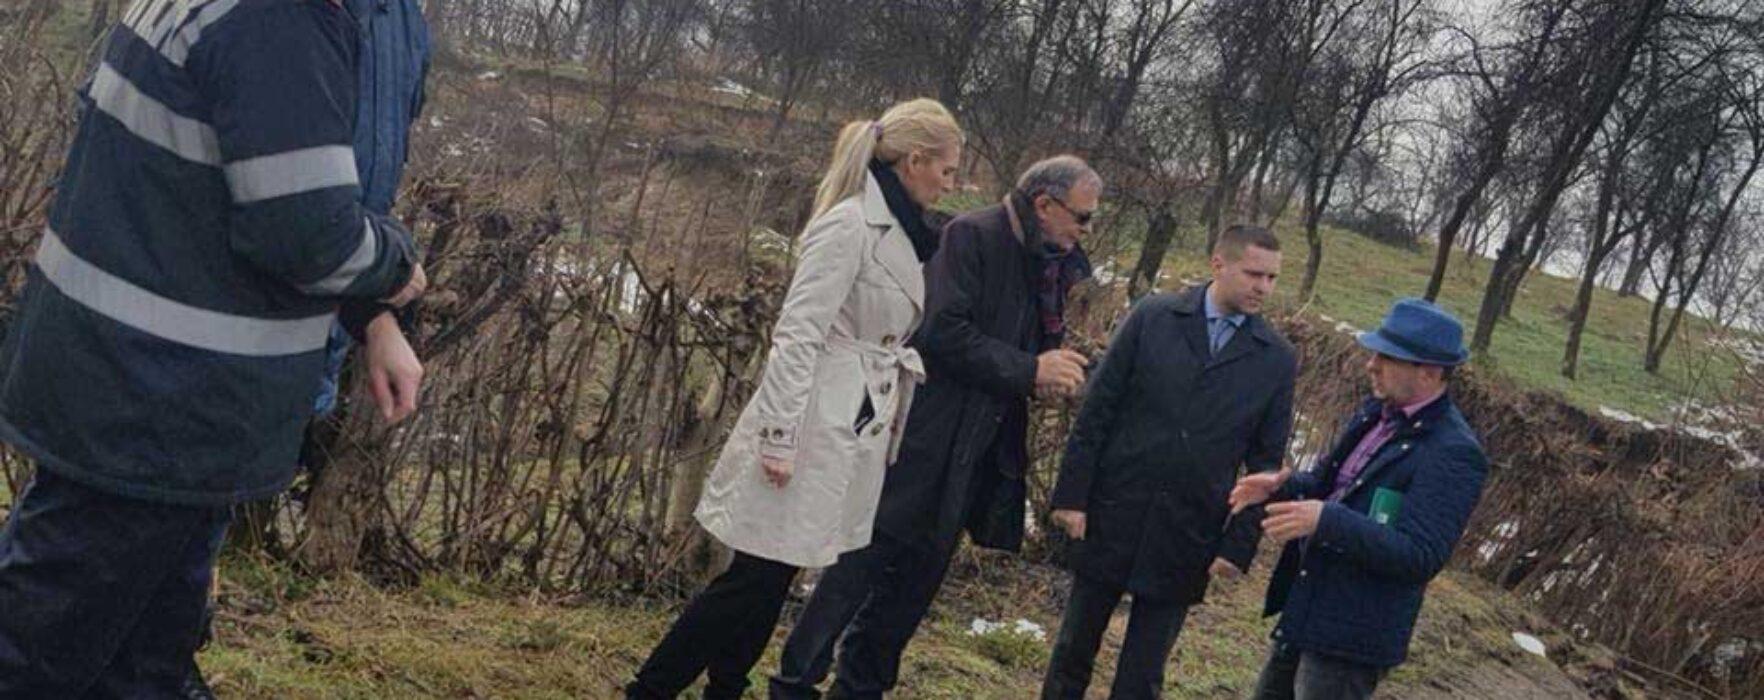 Dâmboviţa: De ce nu comunică nimic autorităţile despre alunecarea de teren de la Glodeni?